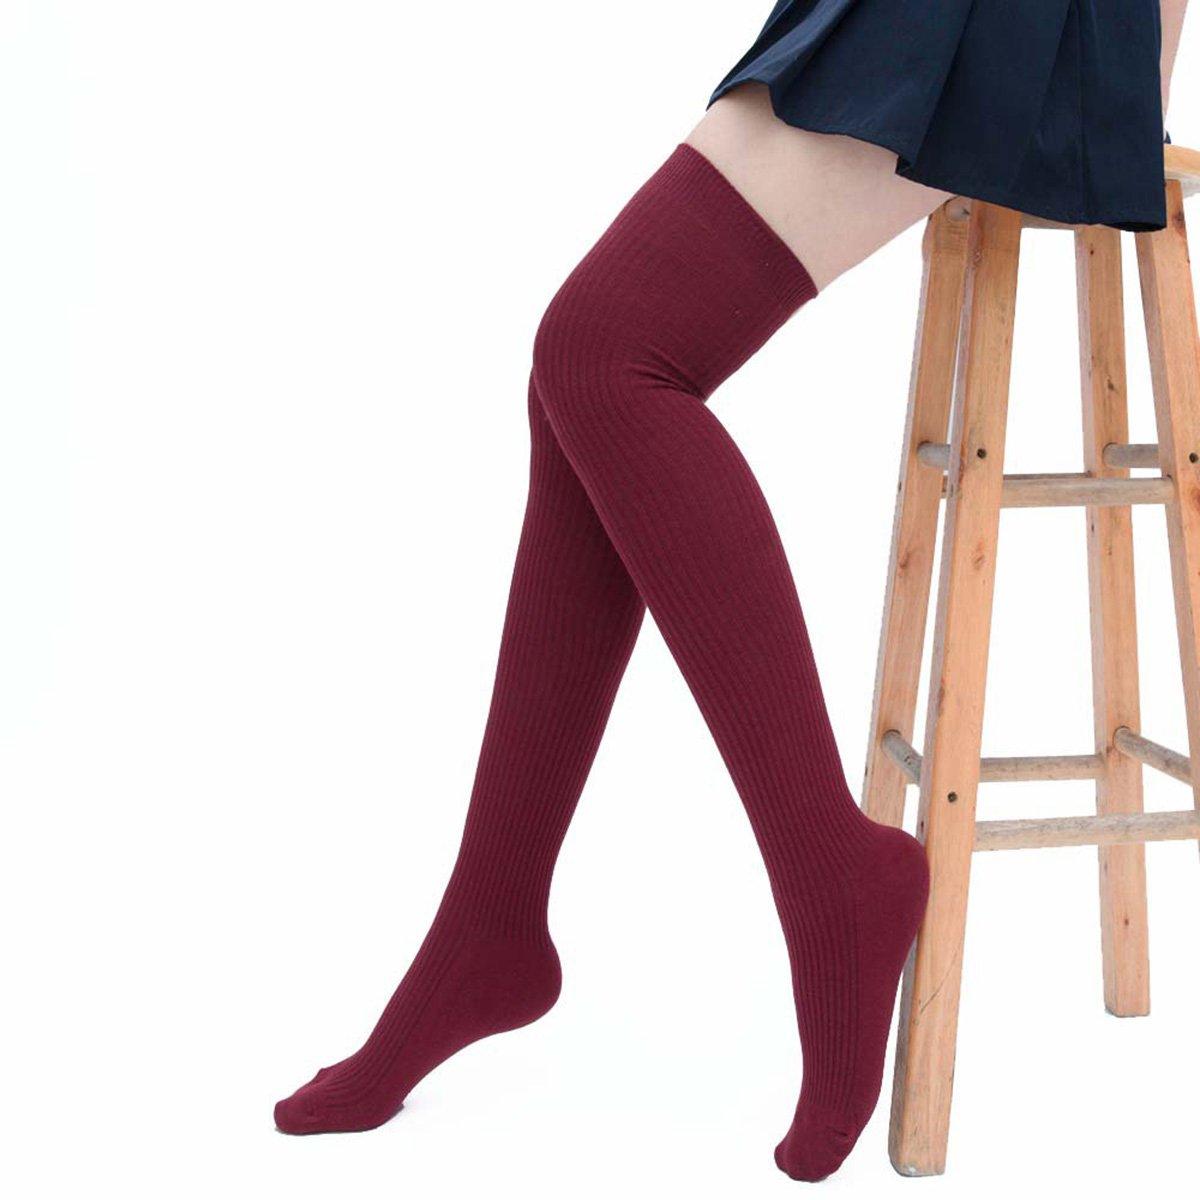 Butterme Donna Gambaletto Cotone Inverno Caldo Calze a maglia alto sopra al ginocchio ueberknie allievo al ginocchio, calze sportive grigio chiaro grigio chiaro ZUMUii ZUMU00006422